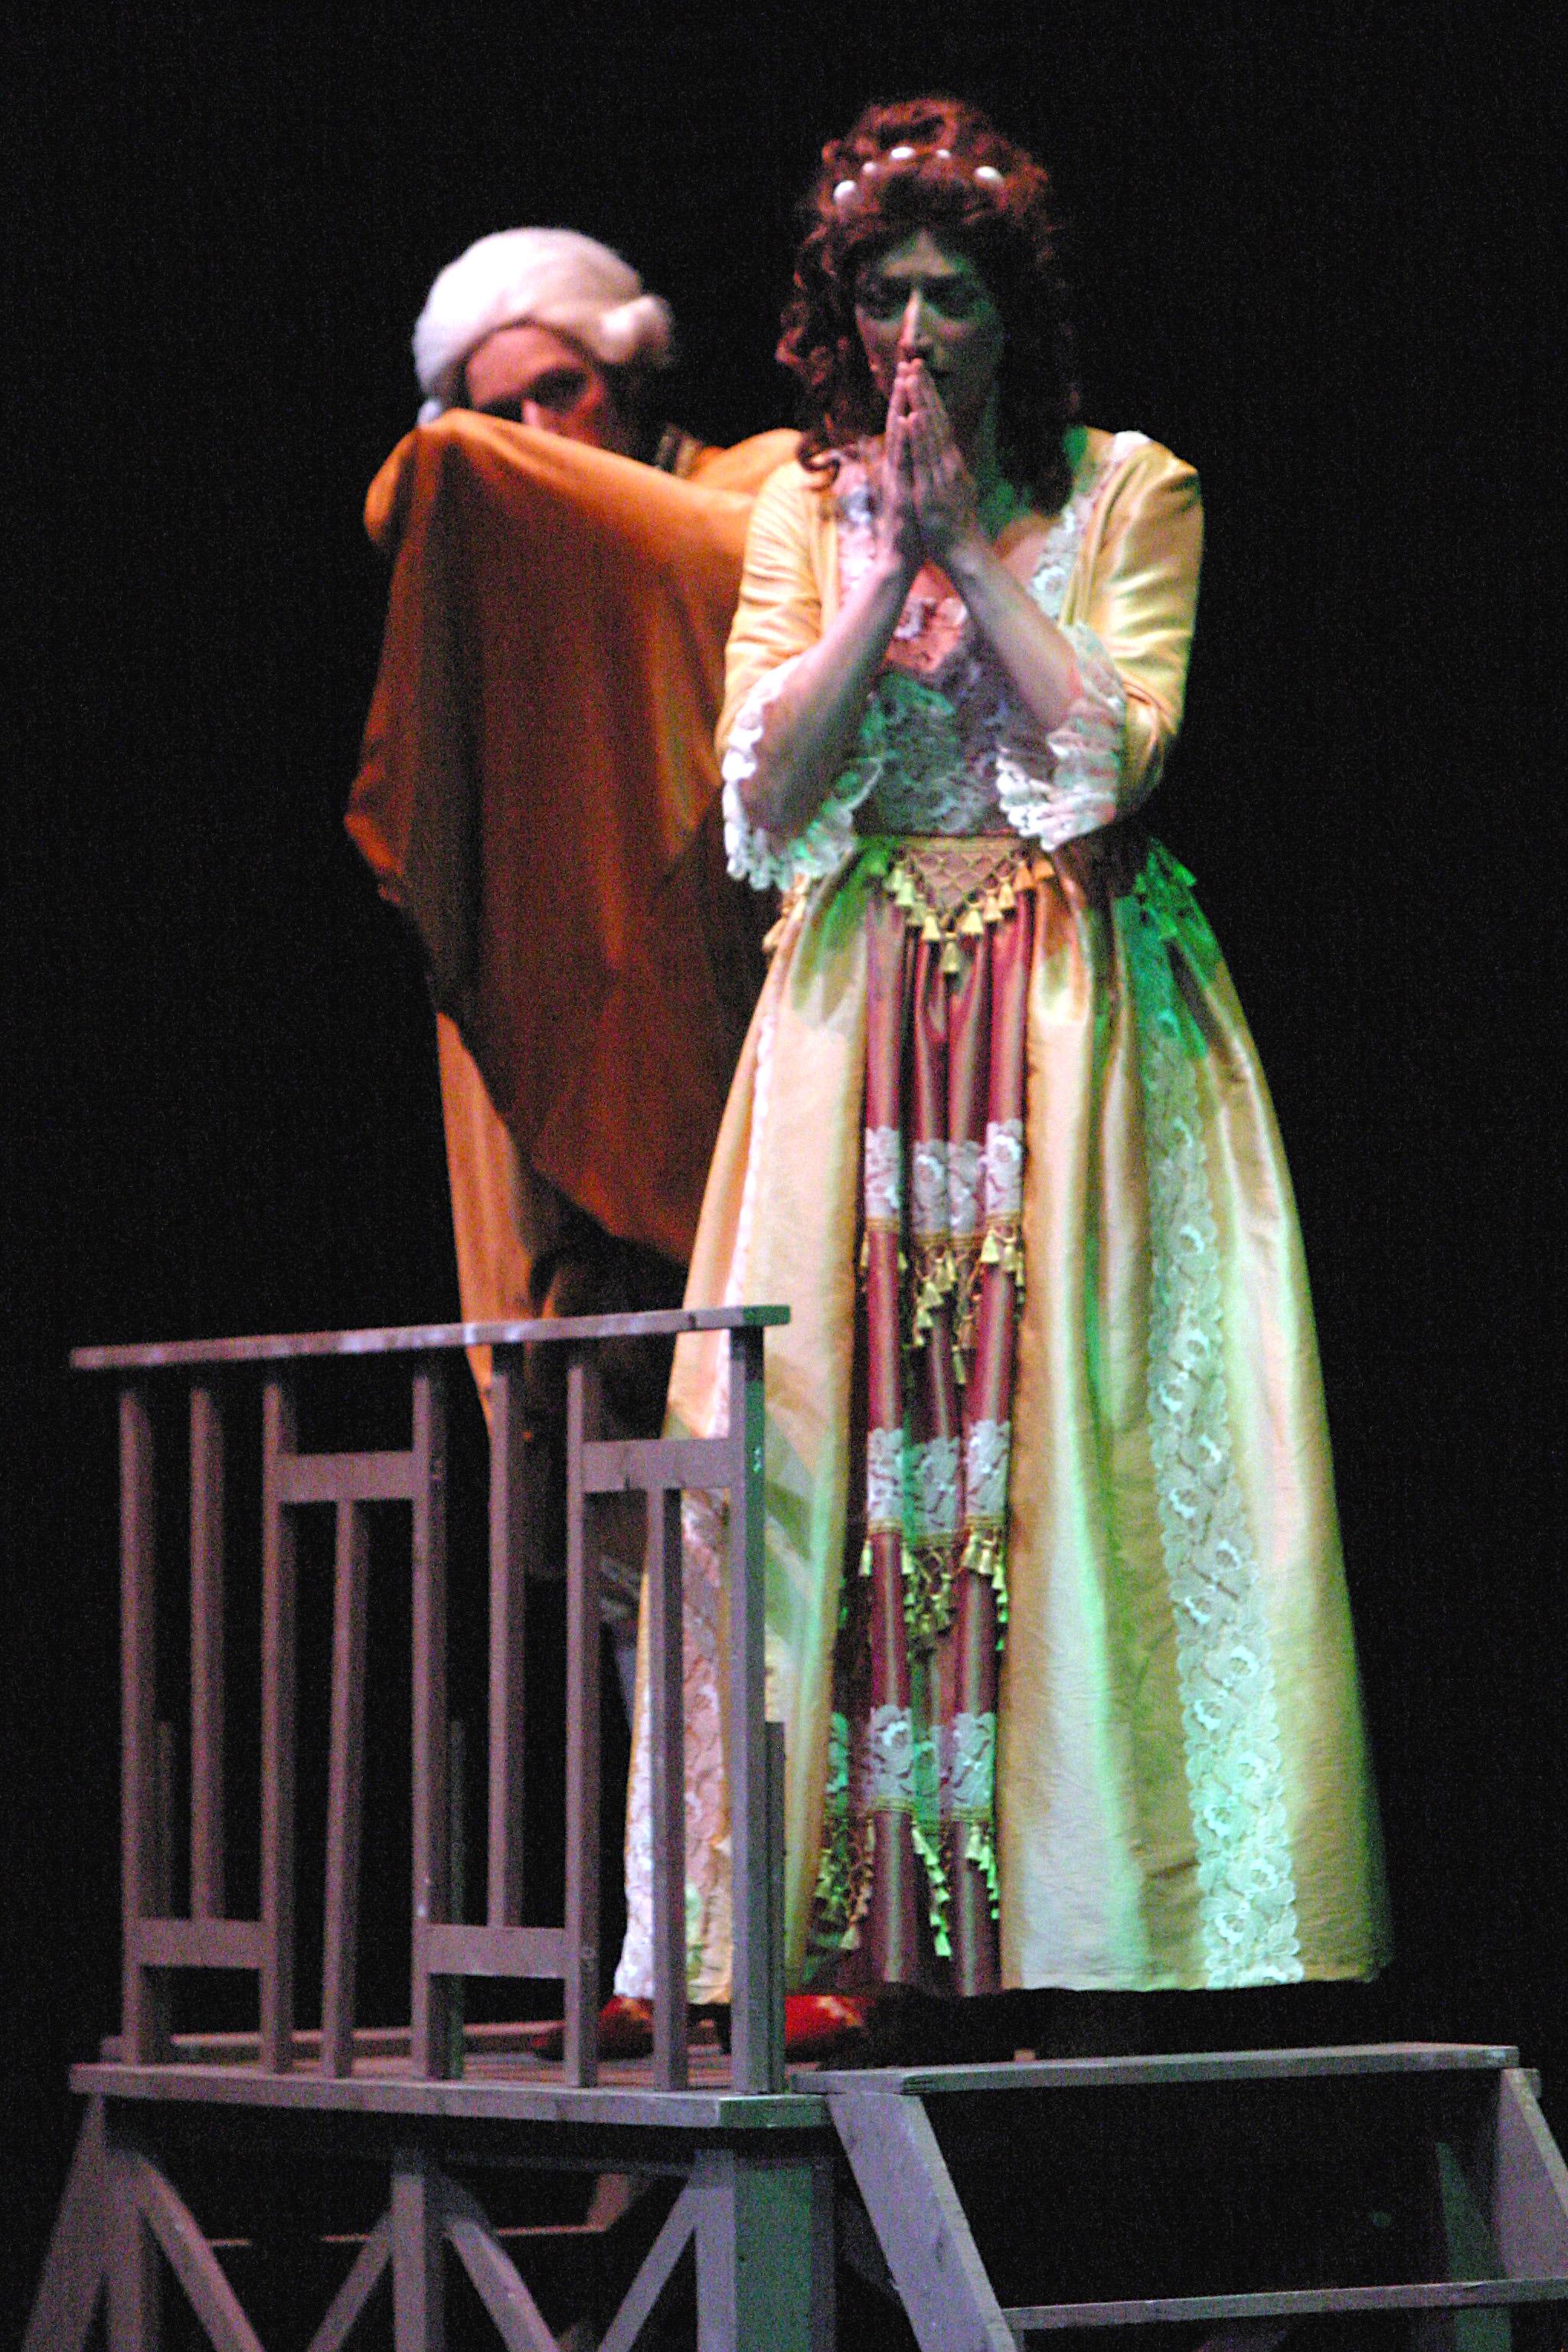 191 - The Scarlet Pimpernel 2005 - Uden.jpg